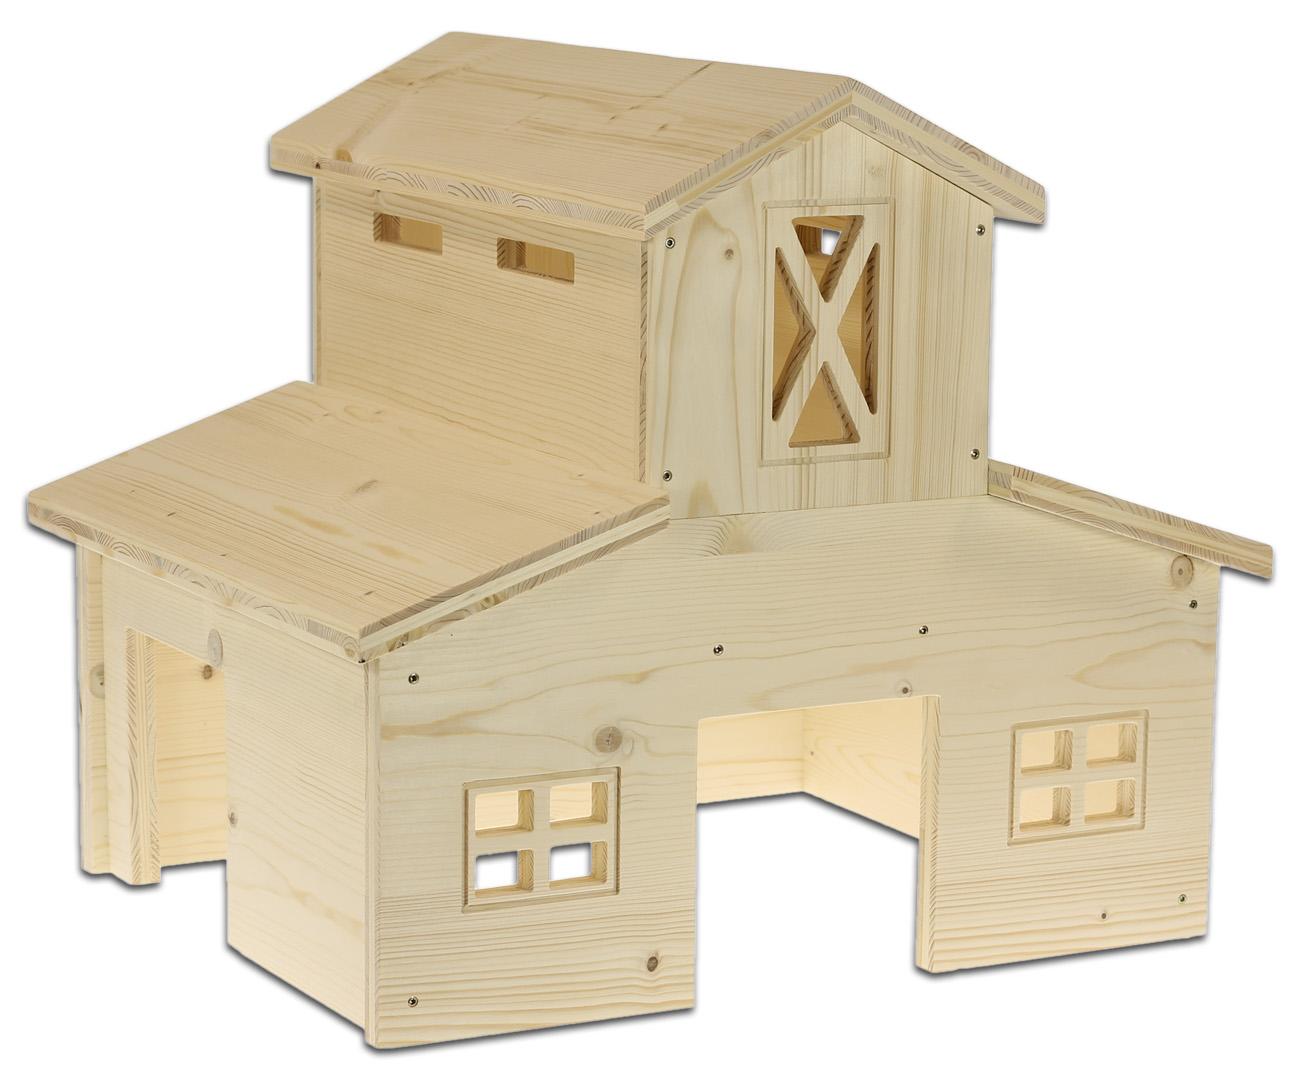 meerschweinchenhaus texasscheune. Black Bedroom Furniture Sets. Home Design Ideas